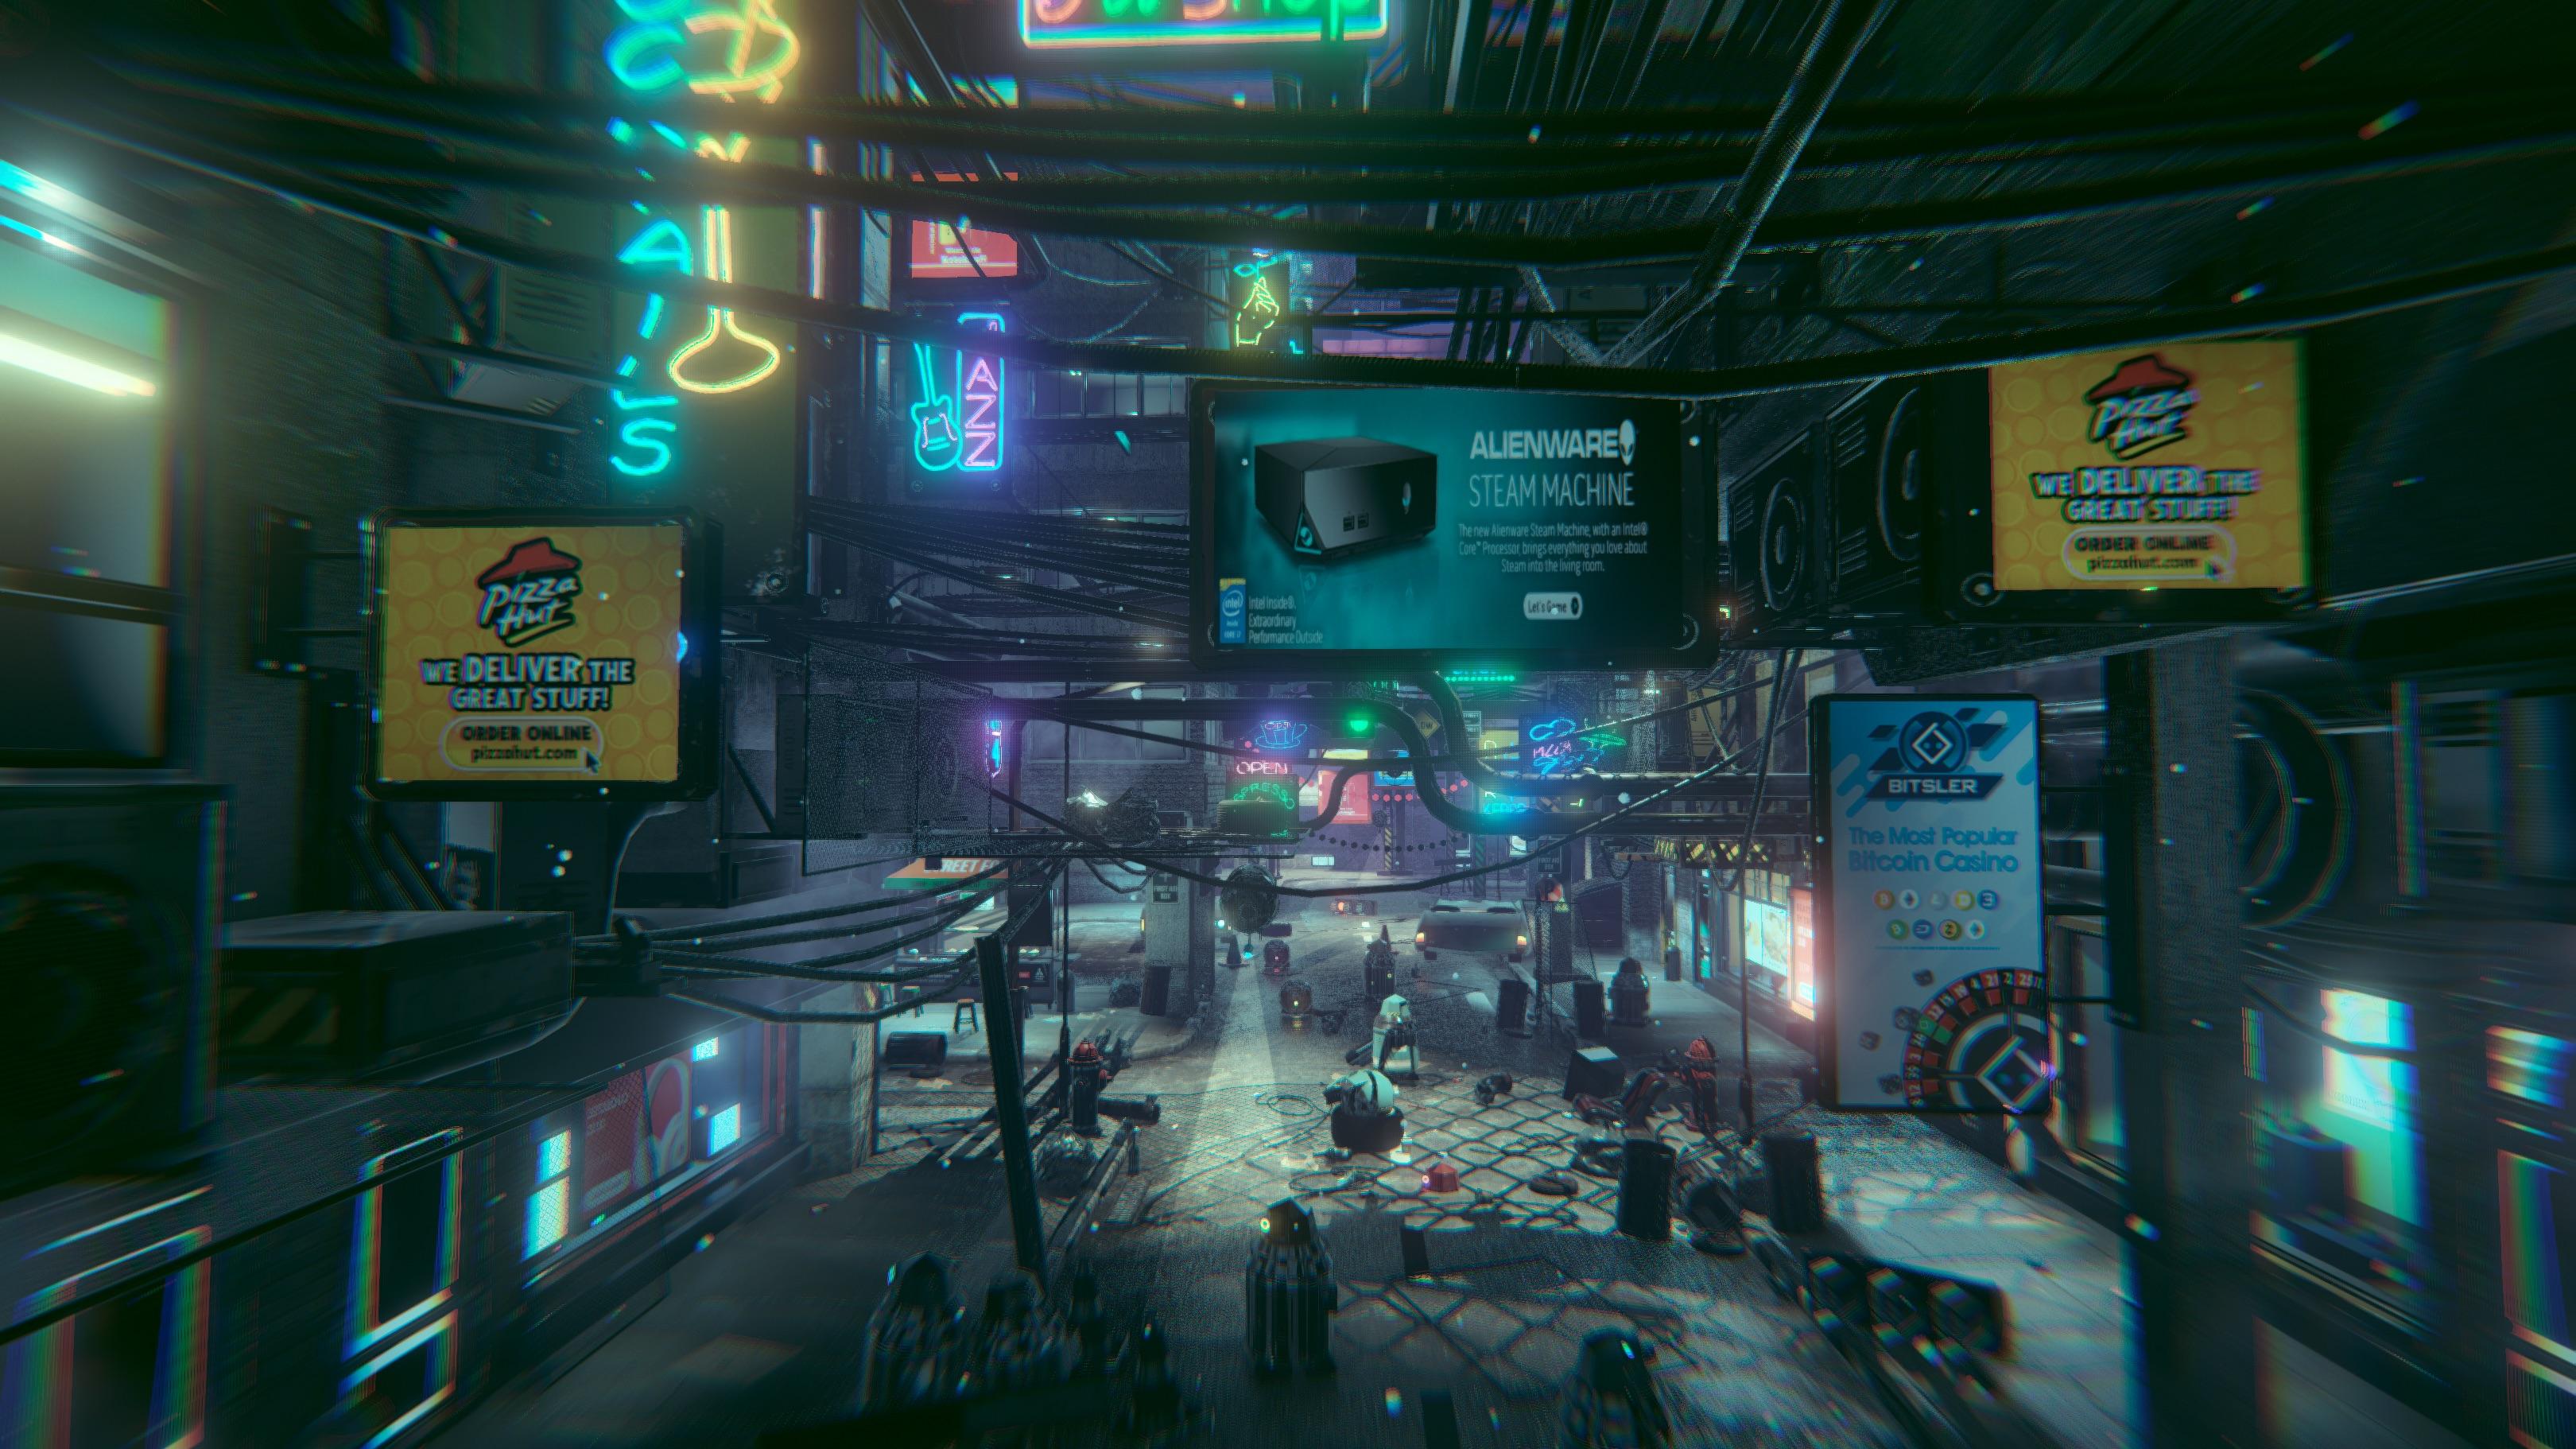 https://techcrunch.com/wp-content/uploads/2020/06/Cyberpunk-1.jpg